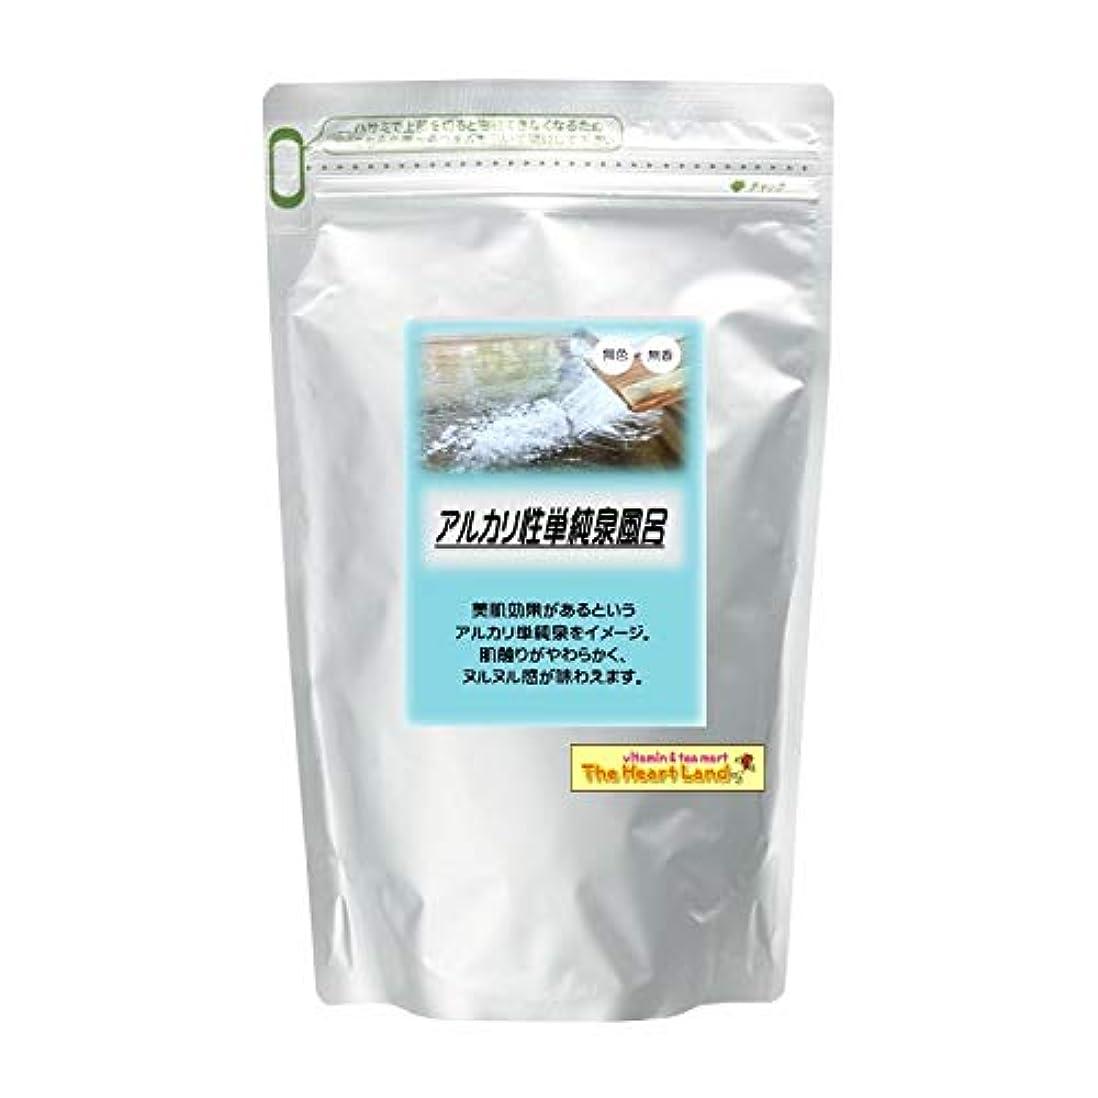 モバイル福祉アノイアサヒ入浴剤 浴用入浴化粧品 アルカリ性単純泉風呂 2.5kg